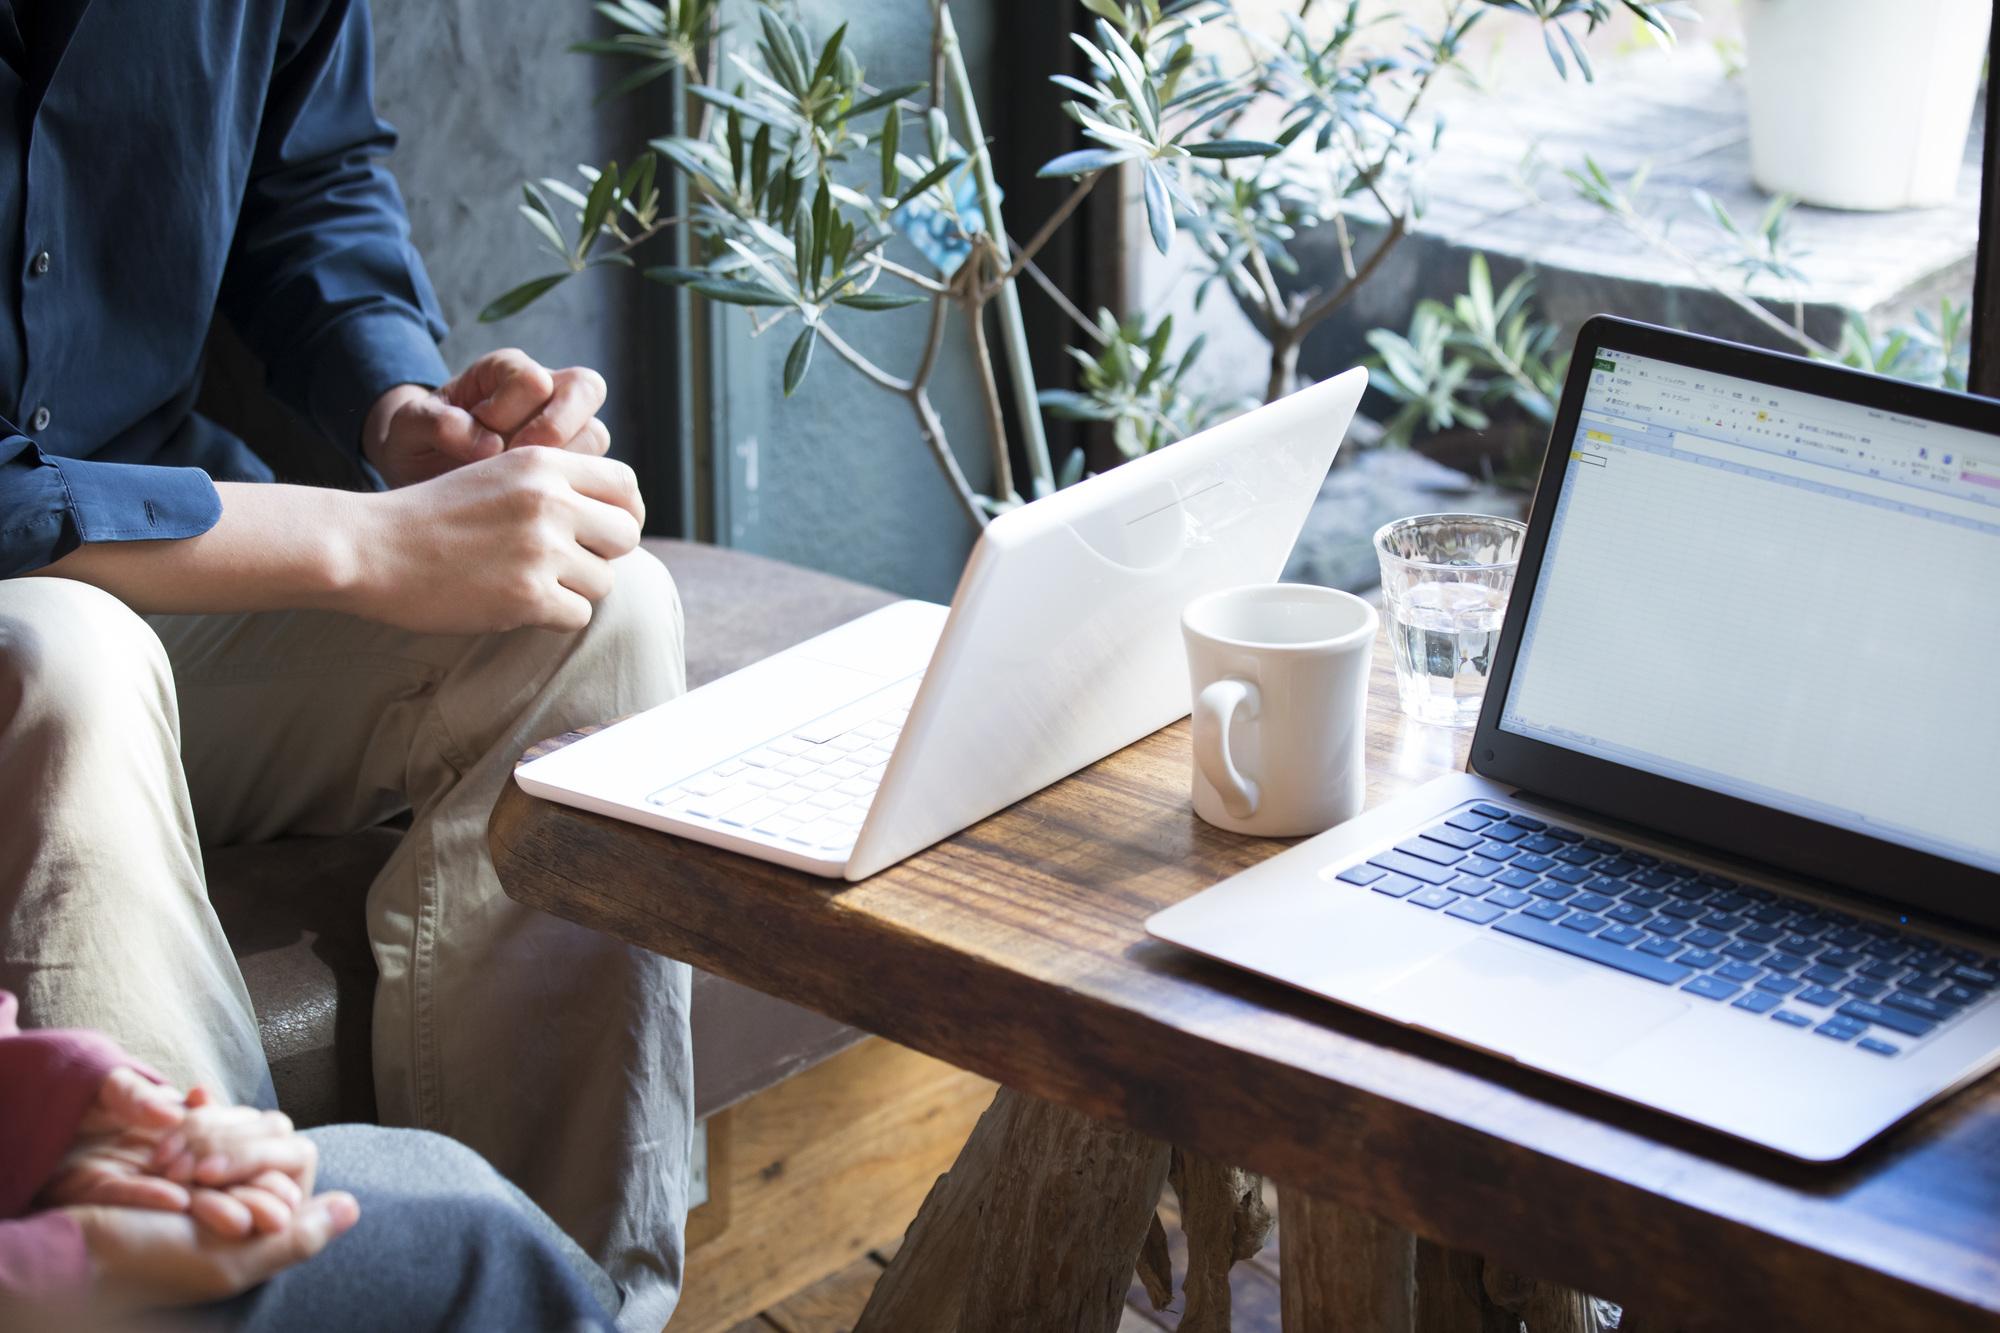 PowerShellでファイルコピーをする方法とは?PowerShellのインストール方法も紹介!のアイキャッチイメージ